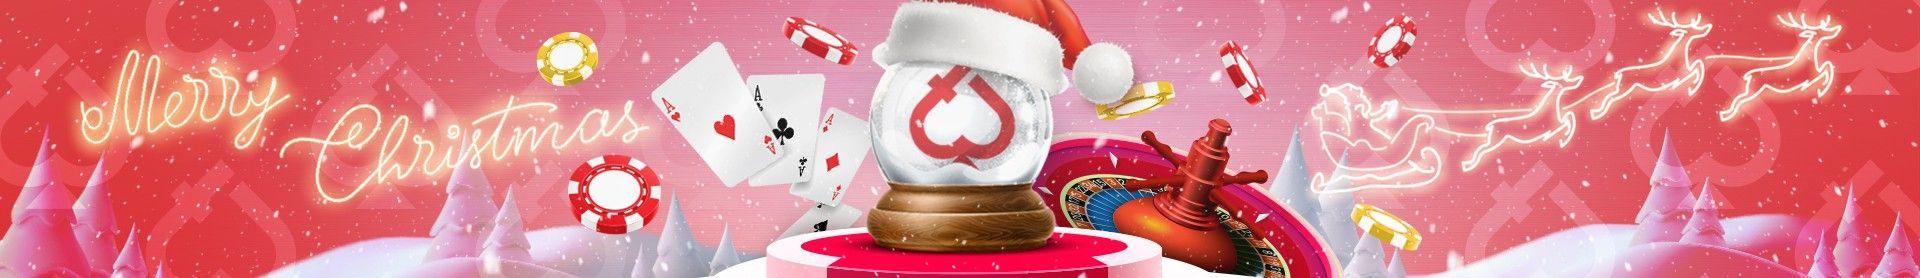 Online Casino Weihnachtsbonus